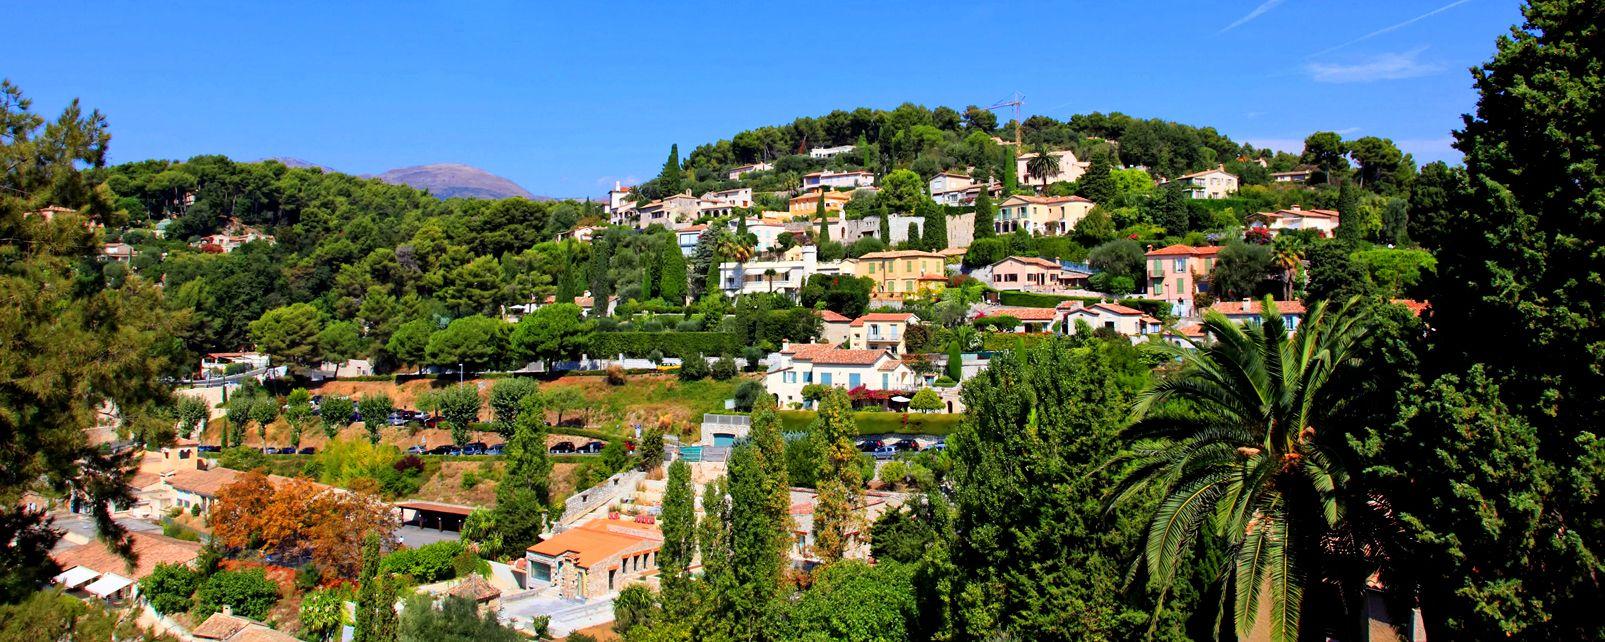 Le village de saint paul de vence provence alpes c te d - Saint paul de vence office du tourisme ...